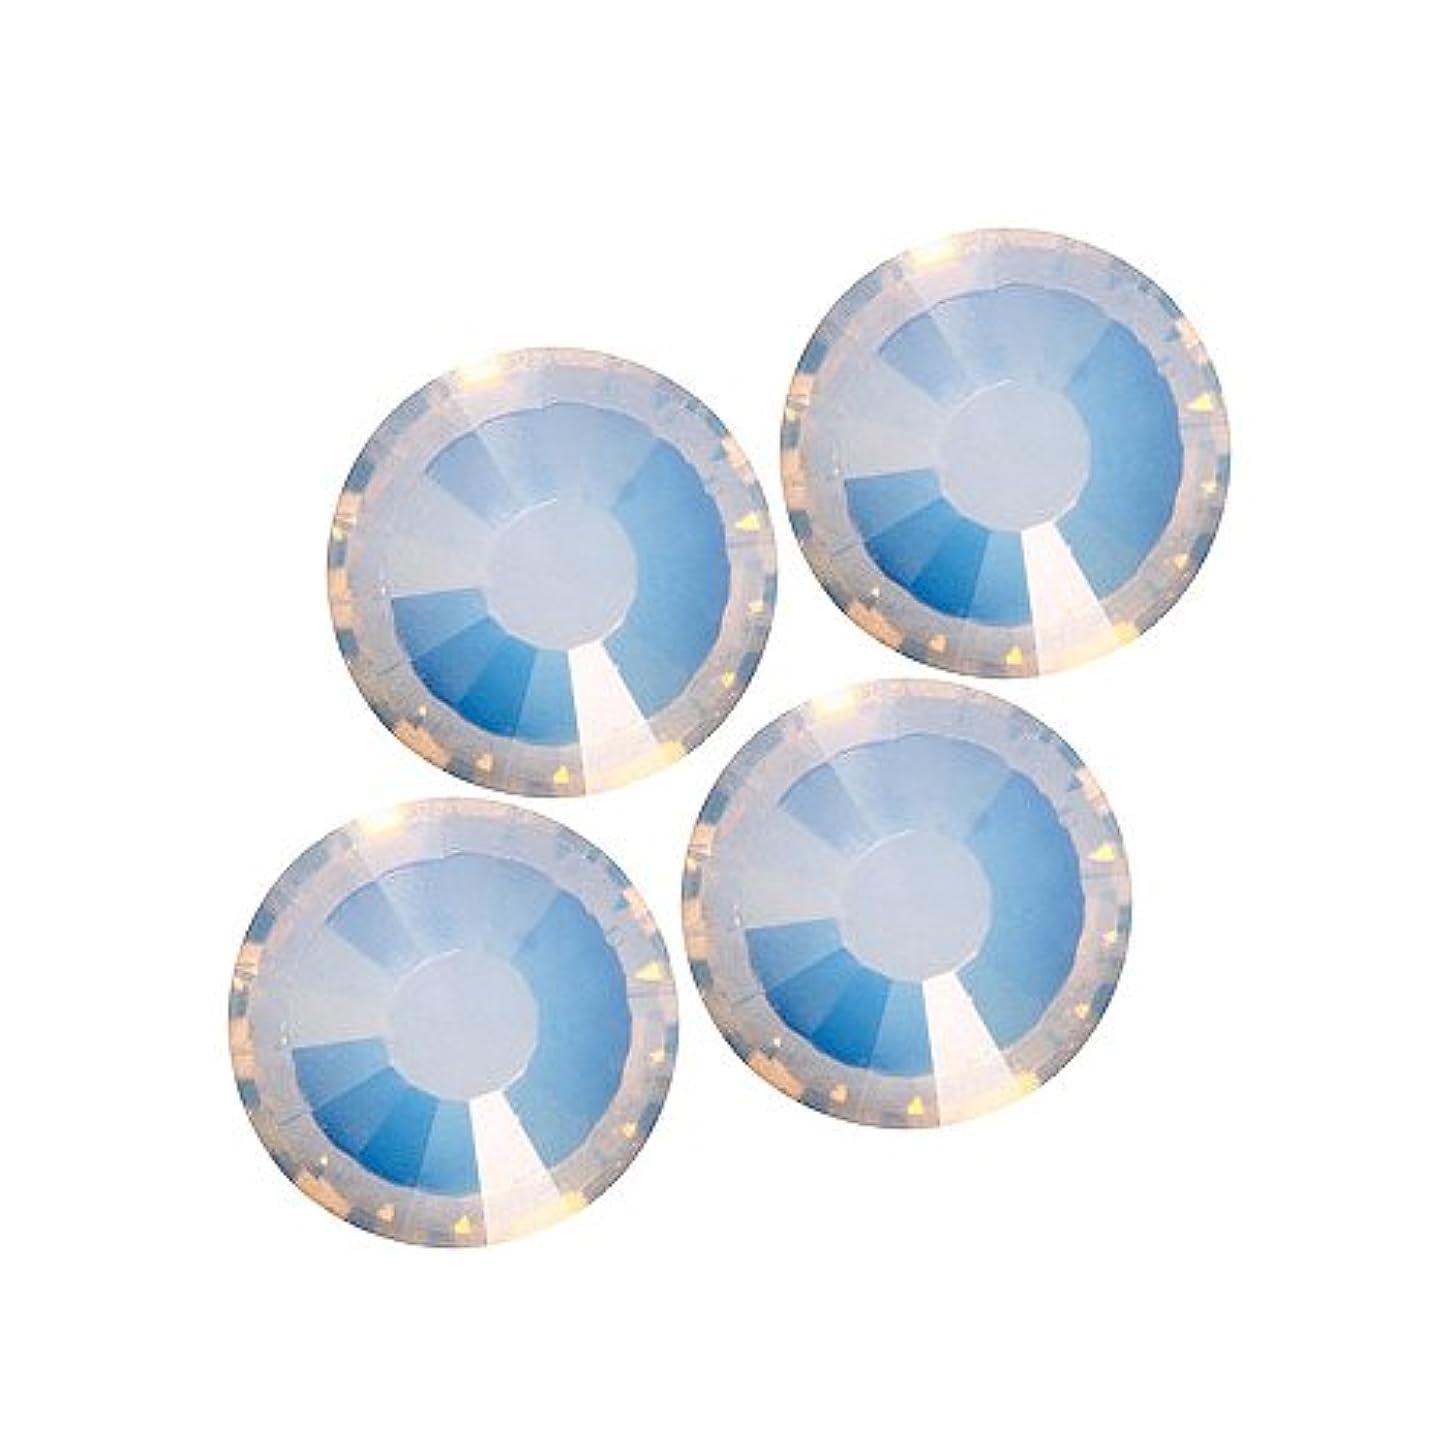 ダムフレームワーク普通にバイナル DIAMOND RHINESTONE ホワイトオパールSS8 1440粒 ST-SS8-WHO-10G